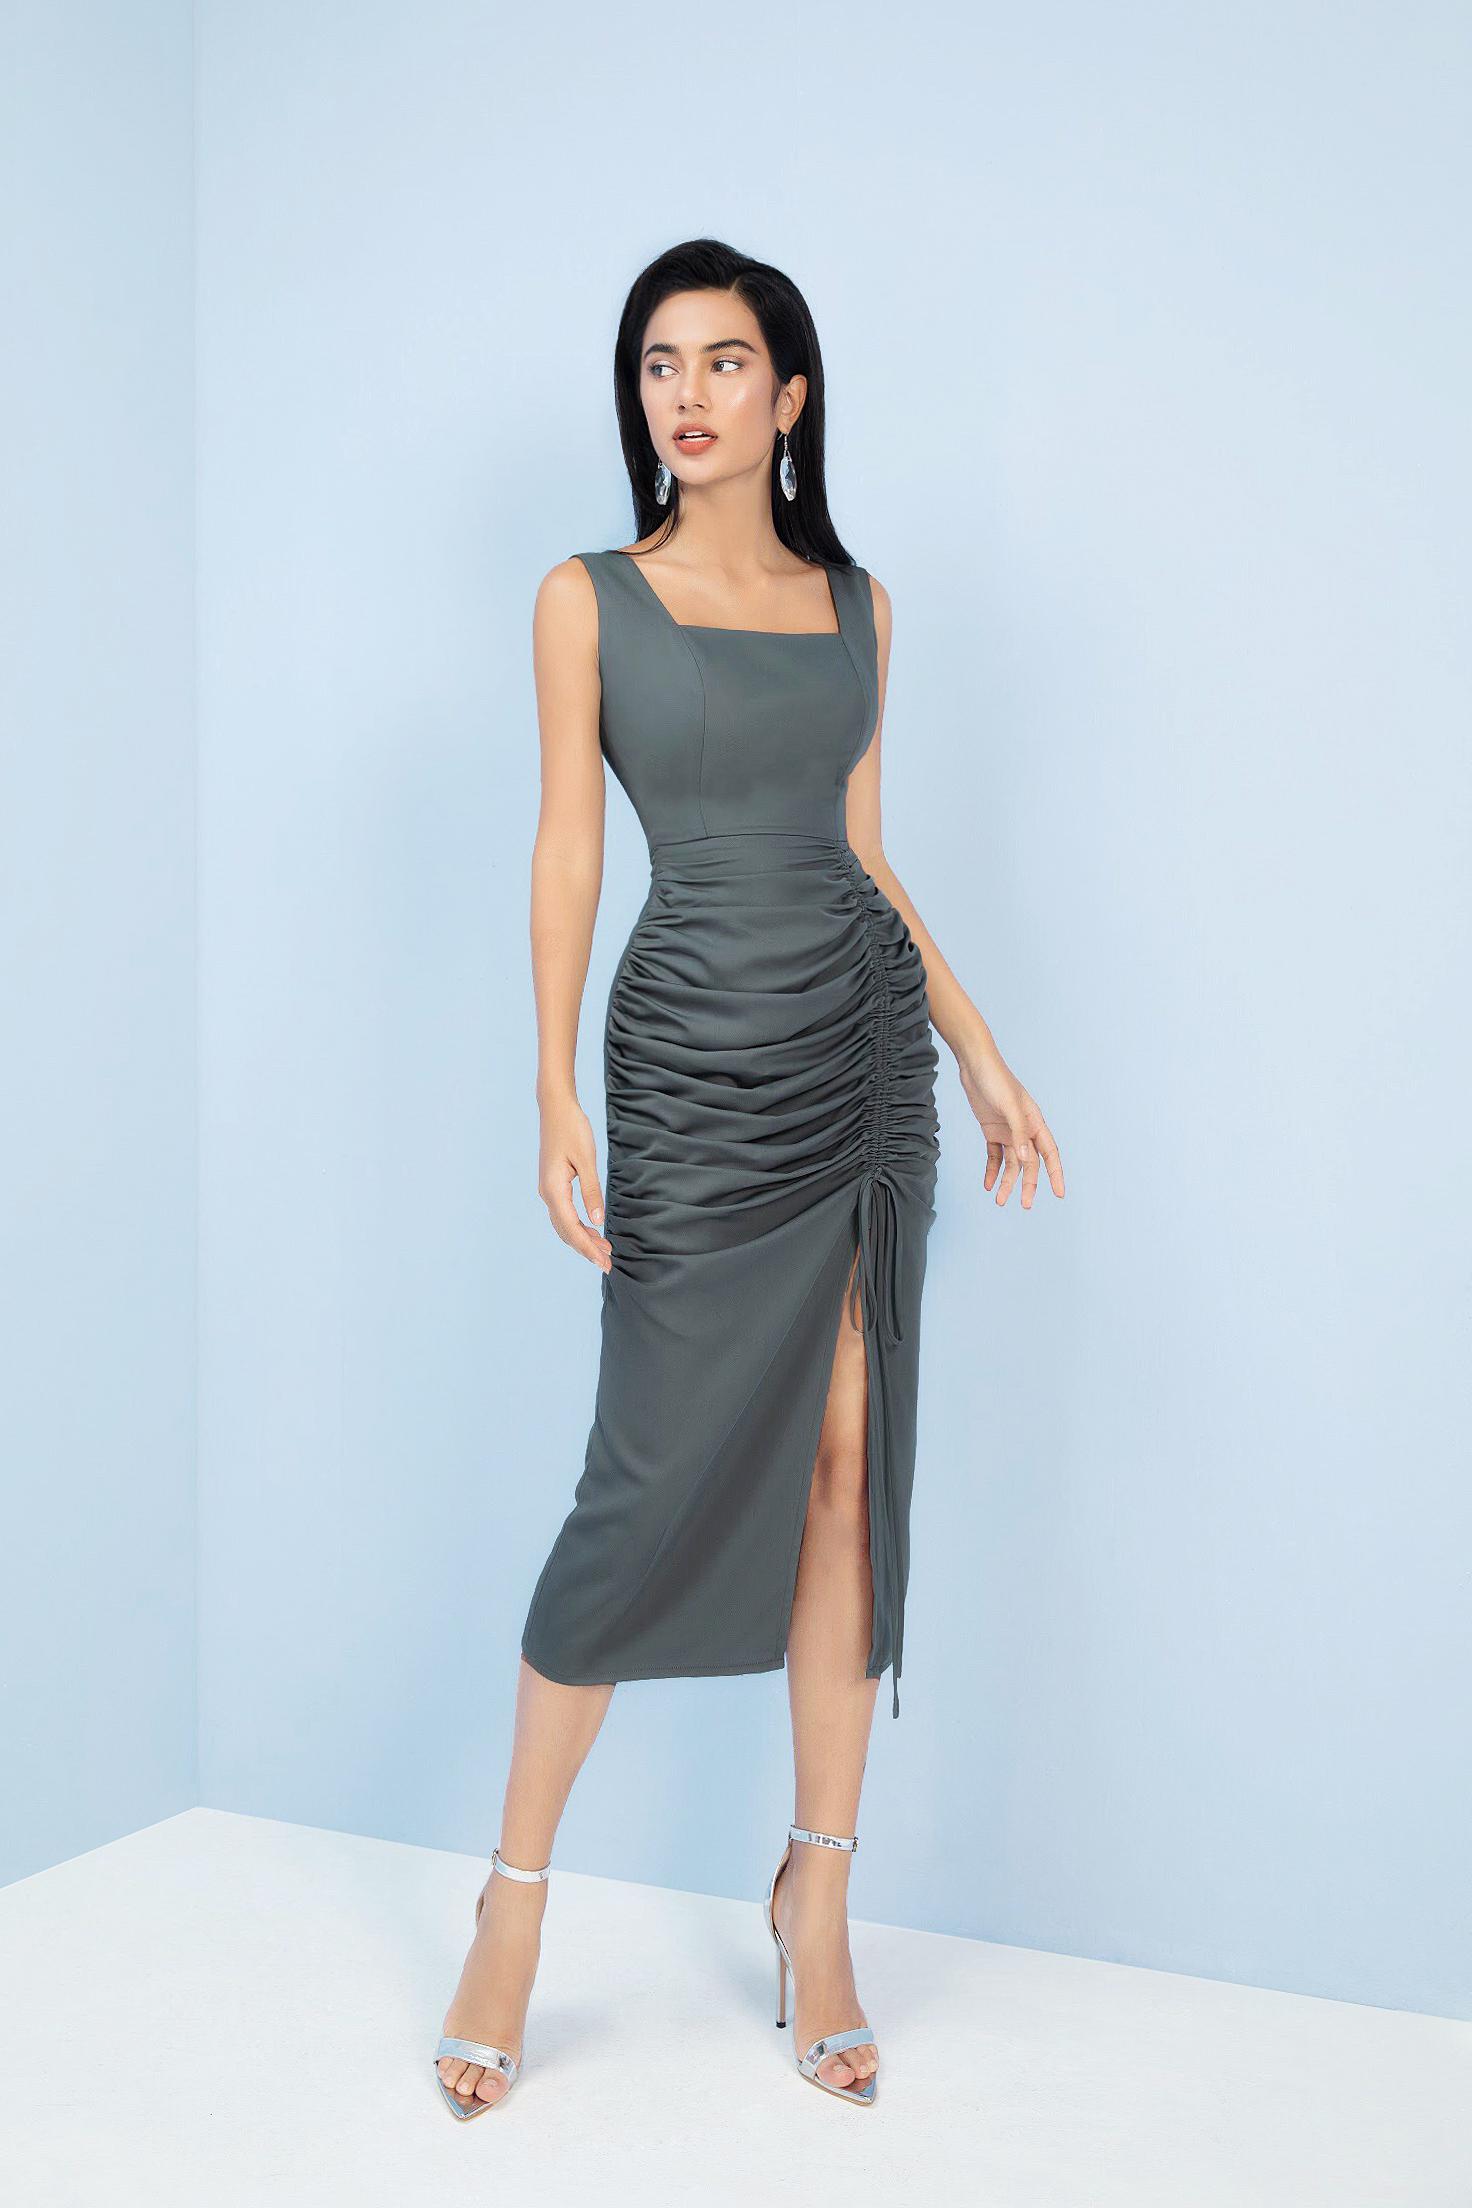 V760 - Váy đầm ôm bút chì xẻ đùi thiết kế rút dây - Cam, Ghi đậm - Bely